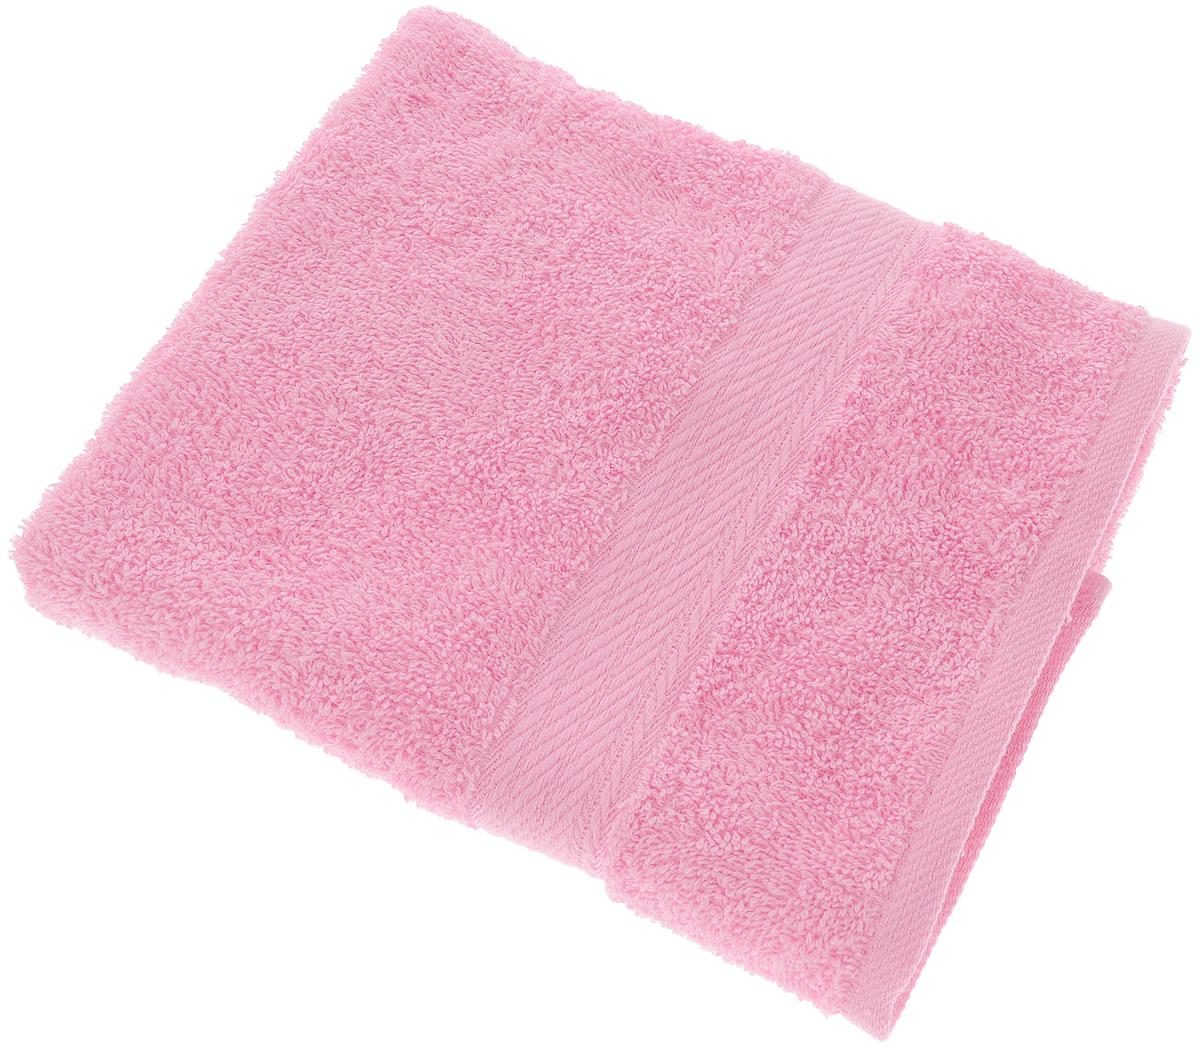 Полотенце Aisha Home Textile, цвет: розовый, 50 х 90 смУзТ-ПМ-112-08-04кМахровые полотенца AISHA Home Textile идеальное сочетание цены и качества. Полотенца упакованы в стильную подарочную коробку. В состав входит только натуральное волокно - хлопок. Лаконичные бордюры подойдут для любого интерьера ванной комнаты. Полотенца прекрасно впитывает влагу и быстро сохнут. При соблюдении рекомендаций по уходу не линяют и не теряют форму даже после многократных стирок. Состав: 100% хлопок.